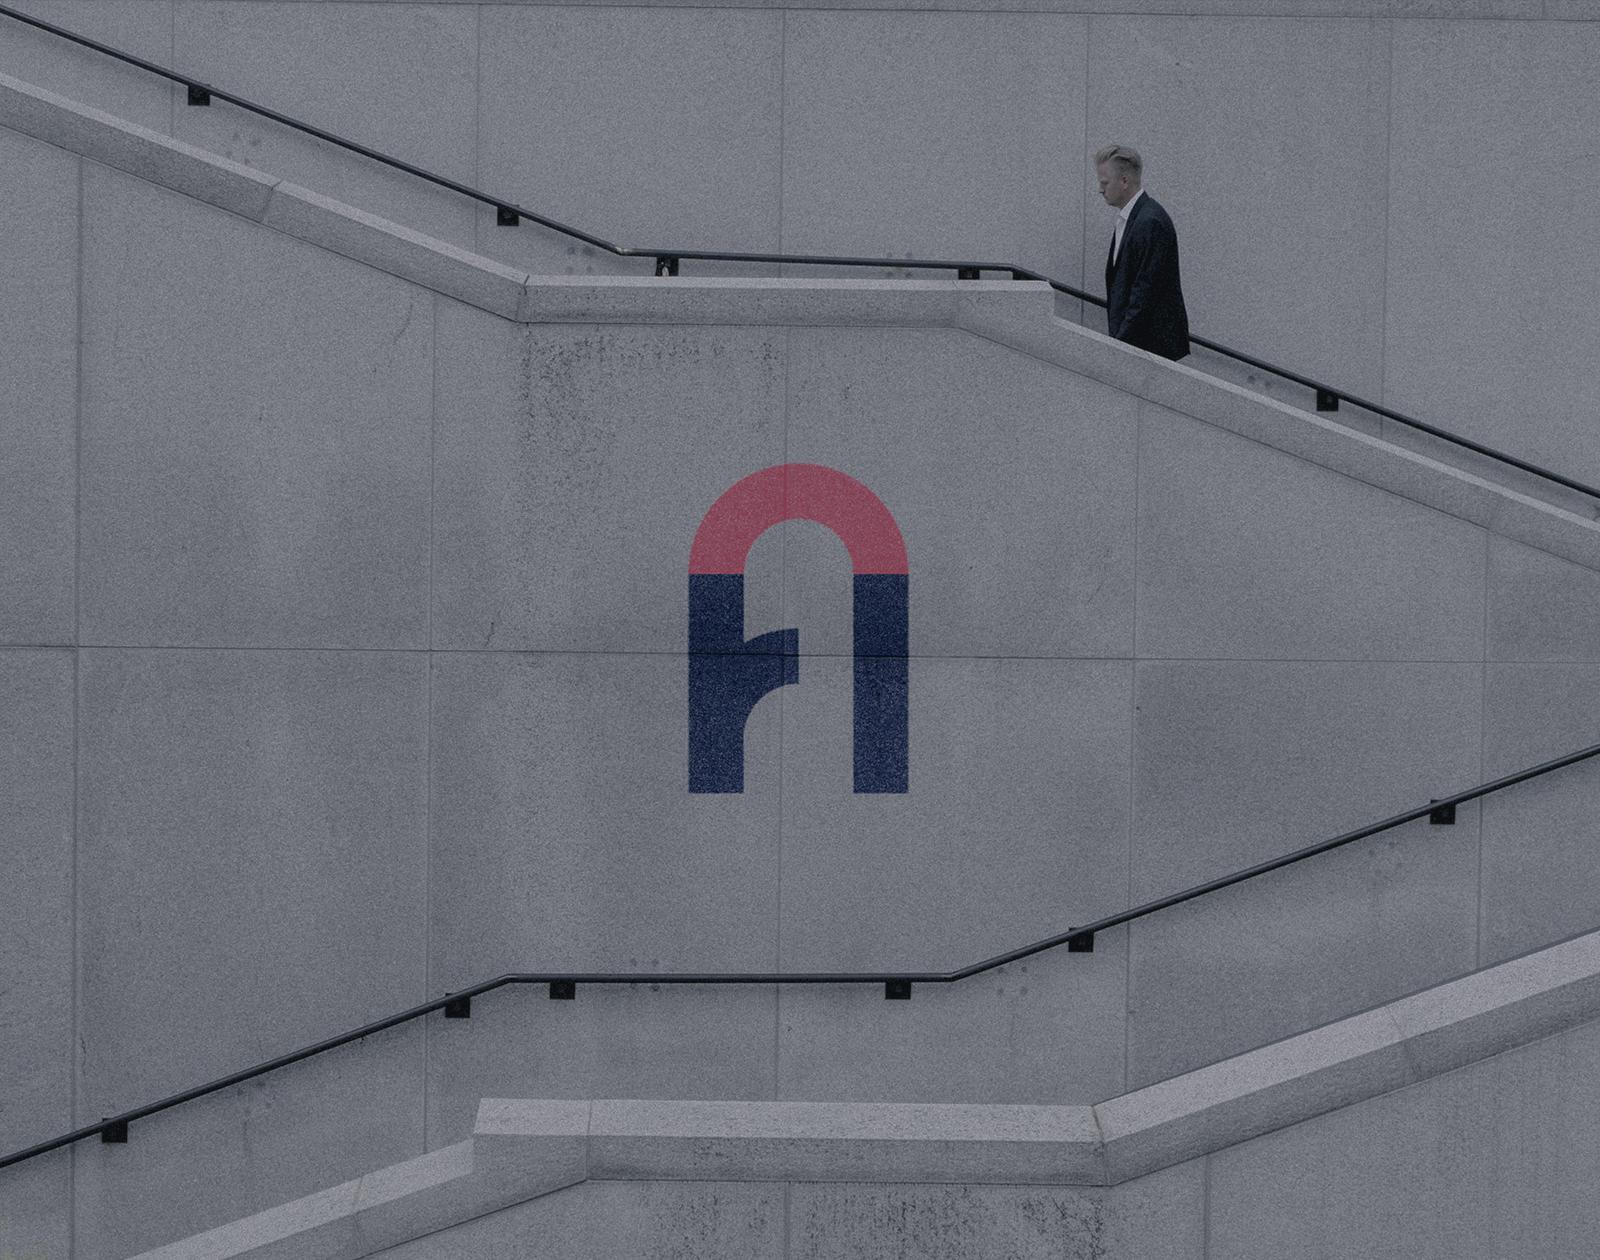 homme d'affaires monte les marches d'un escalier